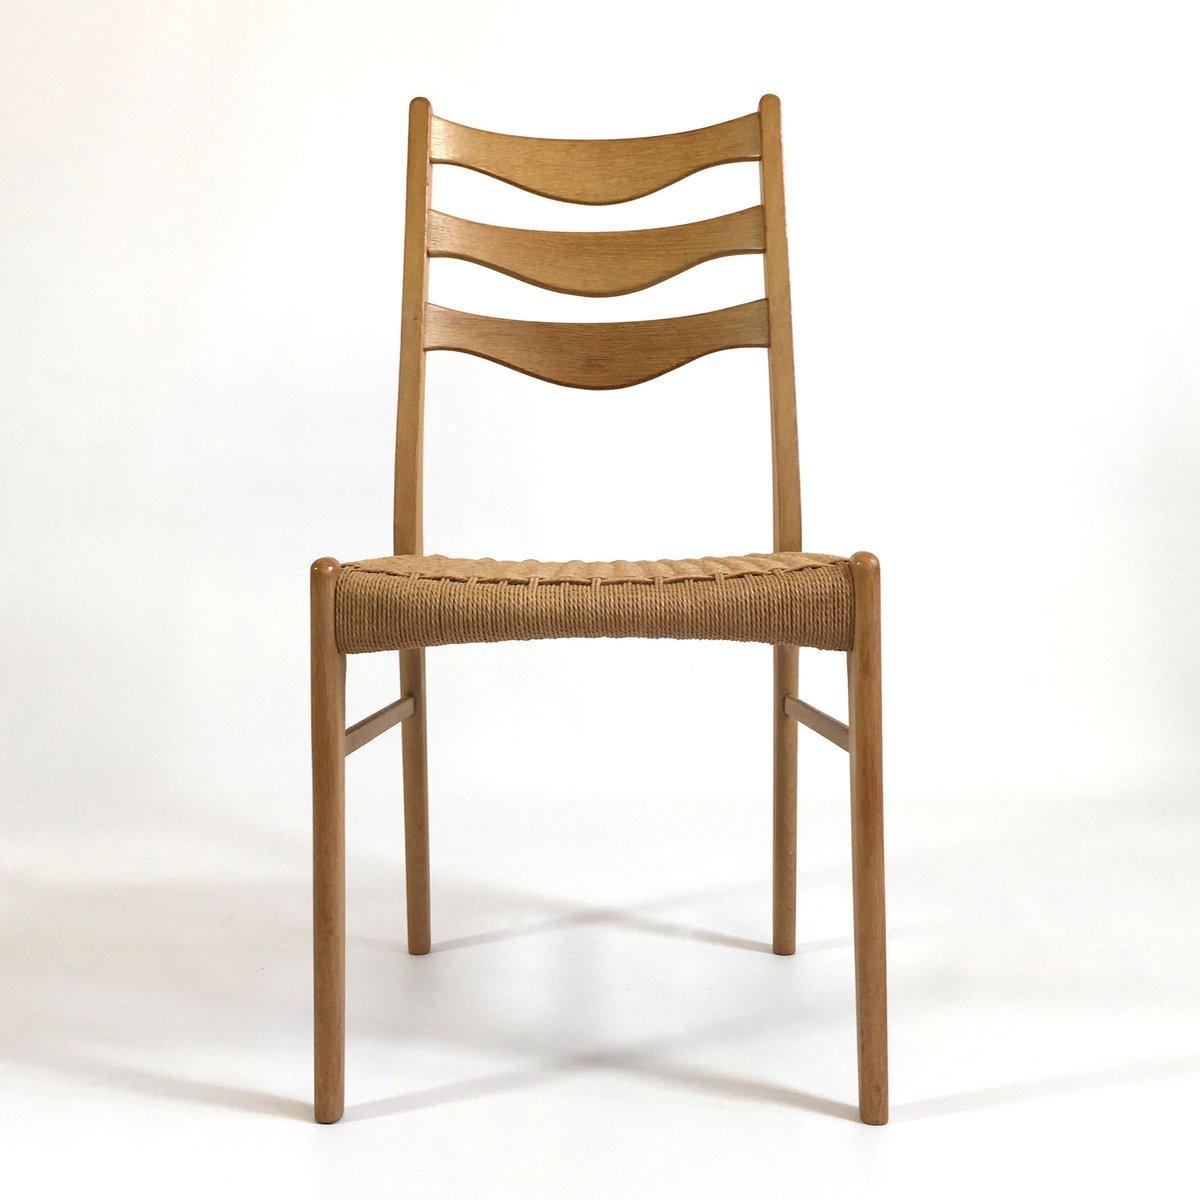 d nische vintage st hle 6er set bei pamono kaufen. Black Bedroom Furniture Sets. Home Design Ideas